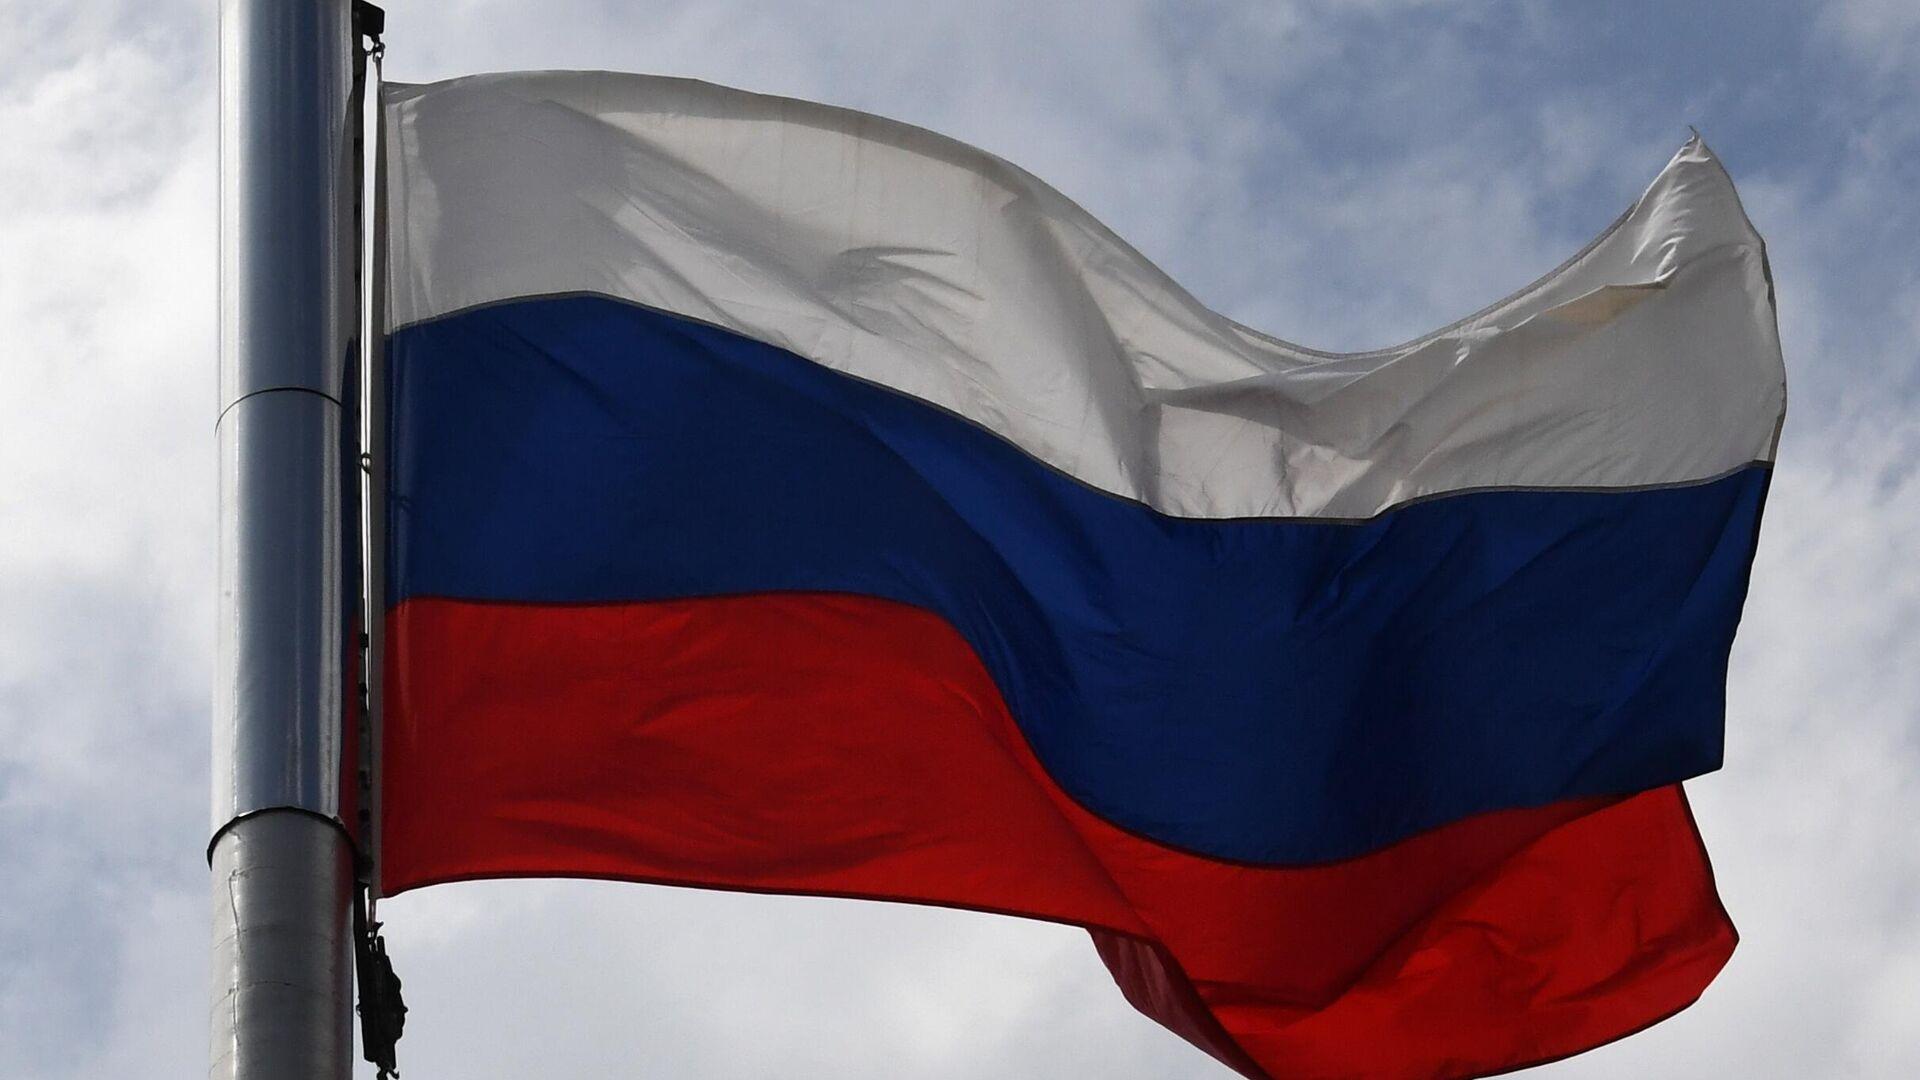 Празднование Дня государственного флага России - РИА Новости, 1920, 03.10.2021